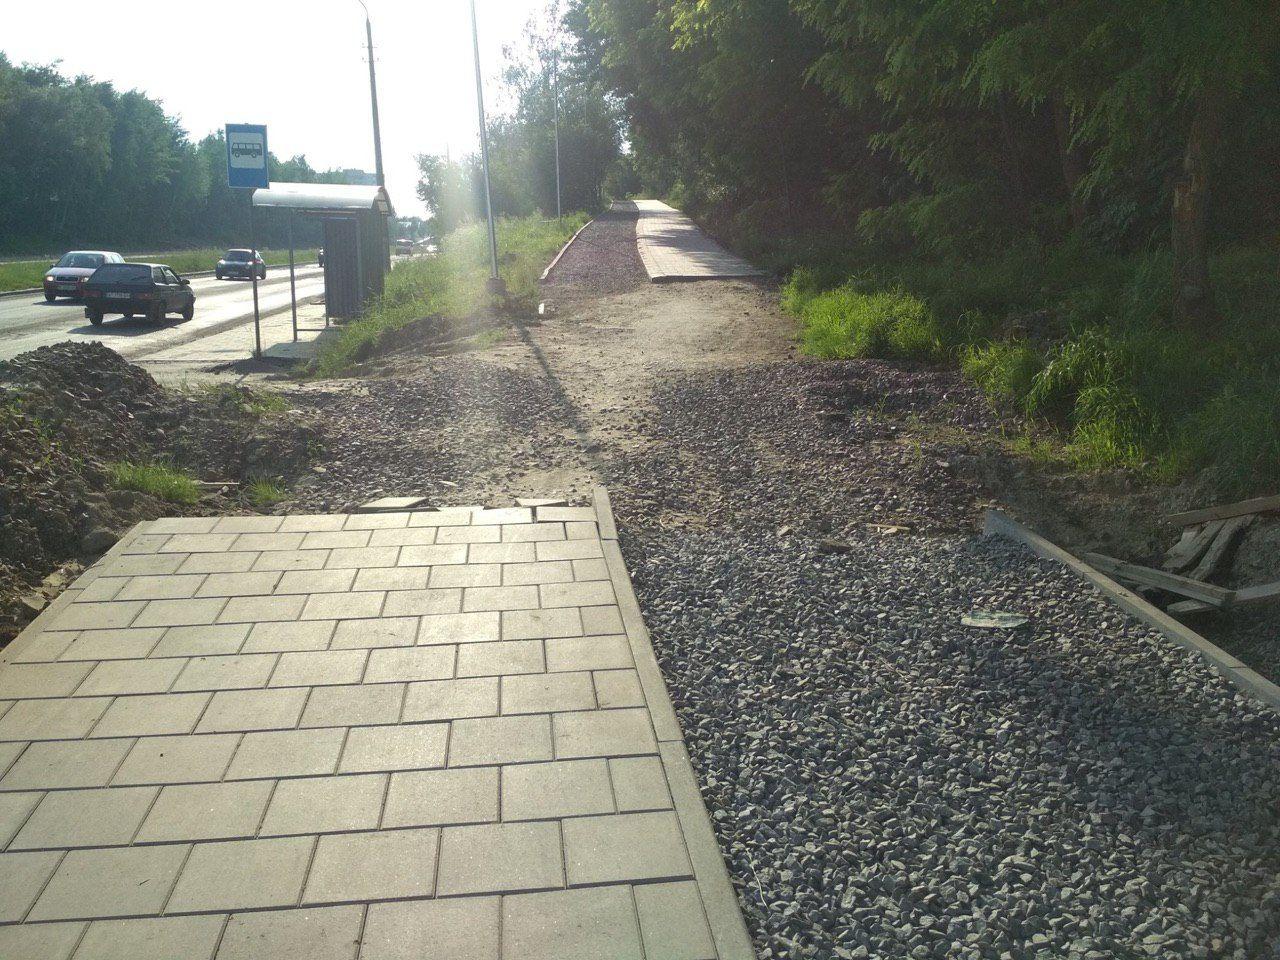 Прораб сказал: «Слева — тротуар, справа — велосипедная дорожка». Рабочие так и сделали, но кто кто же знал, что работают одновременно две бригады?